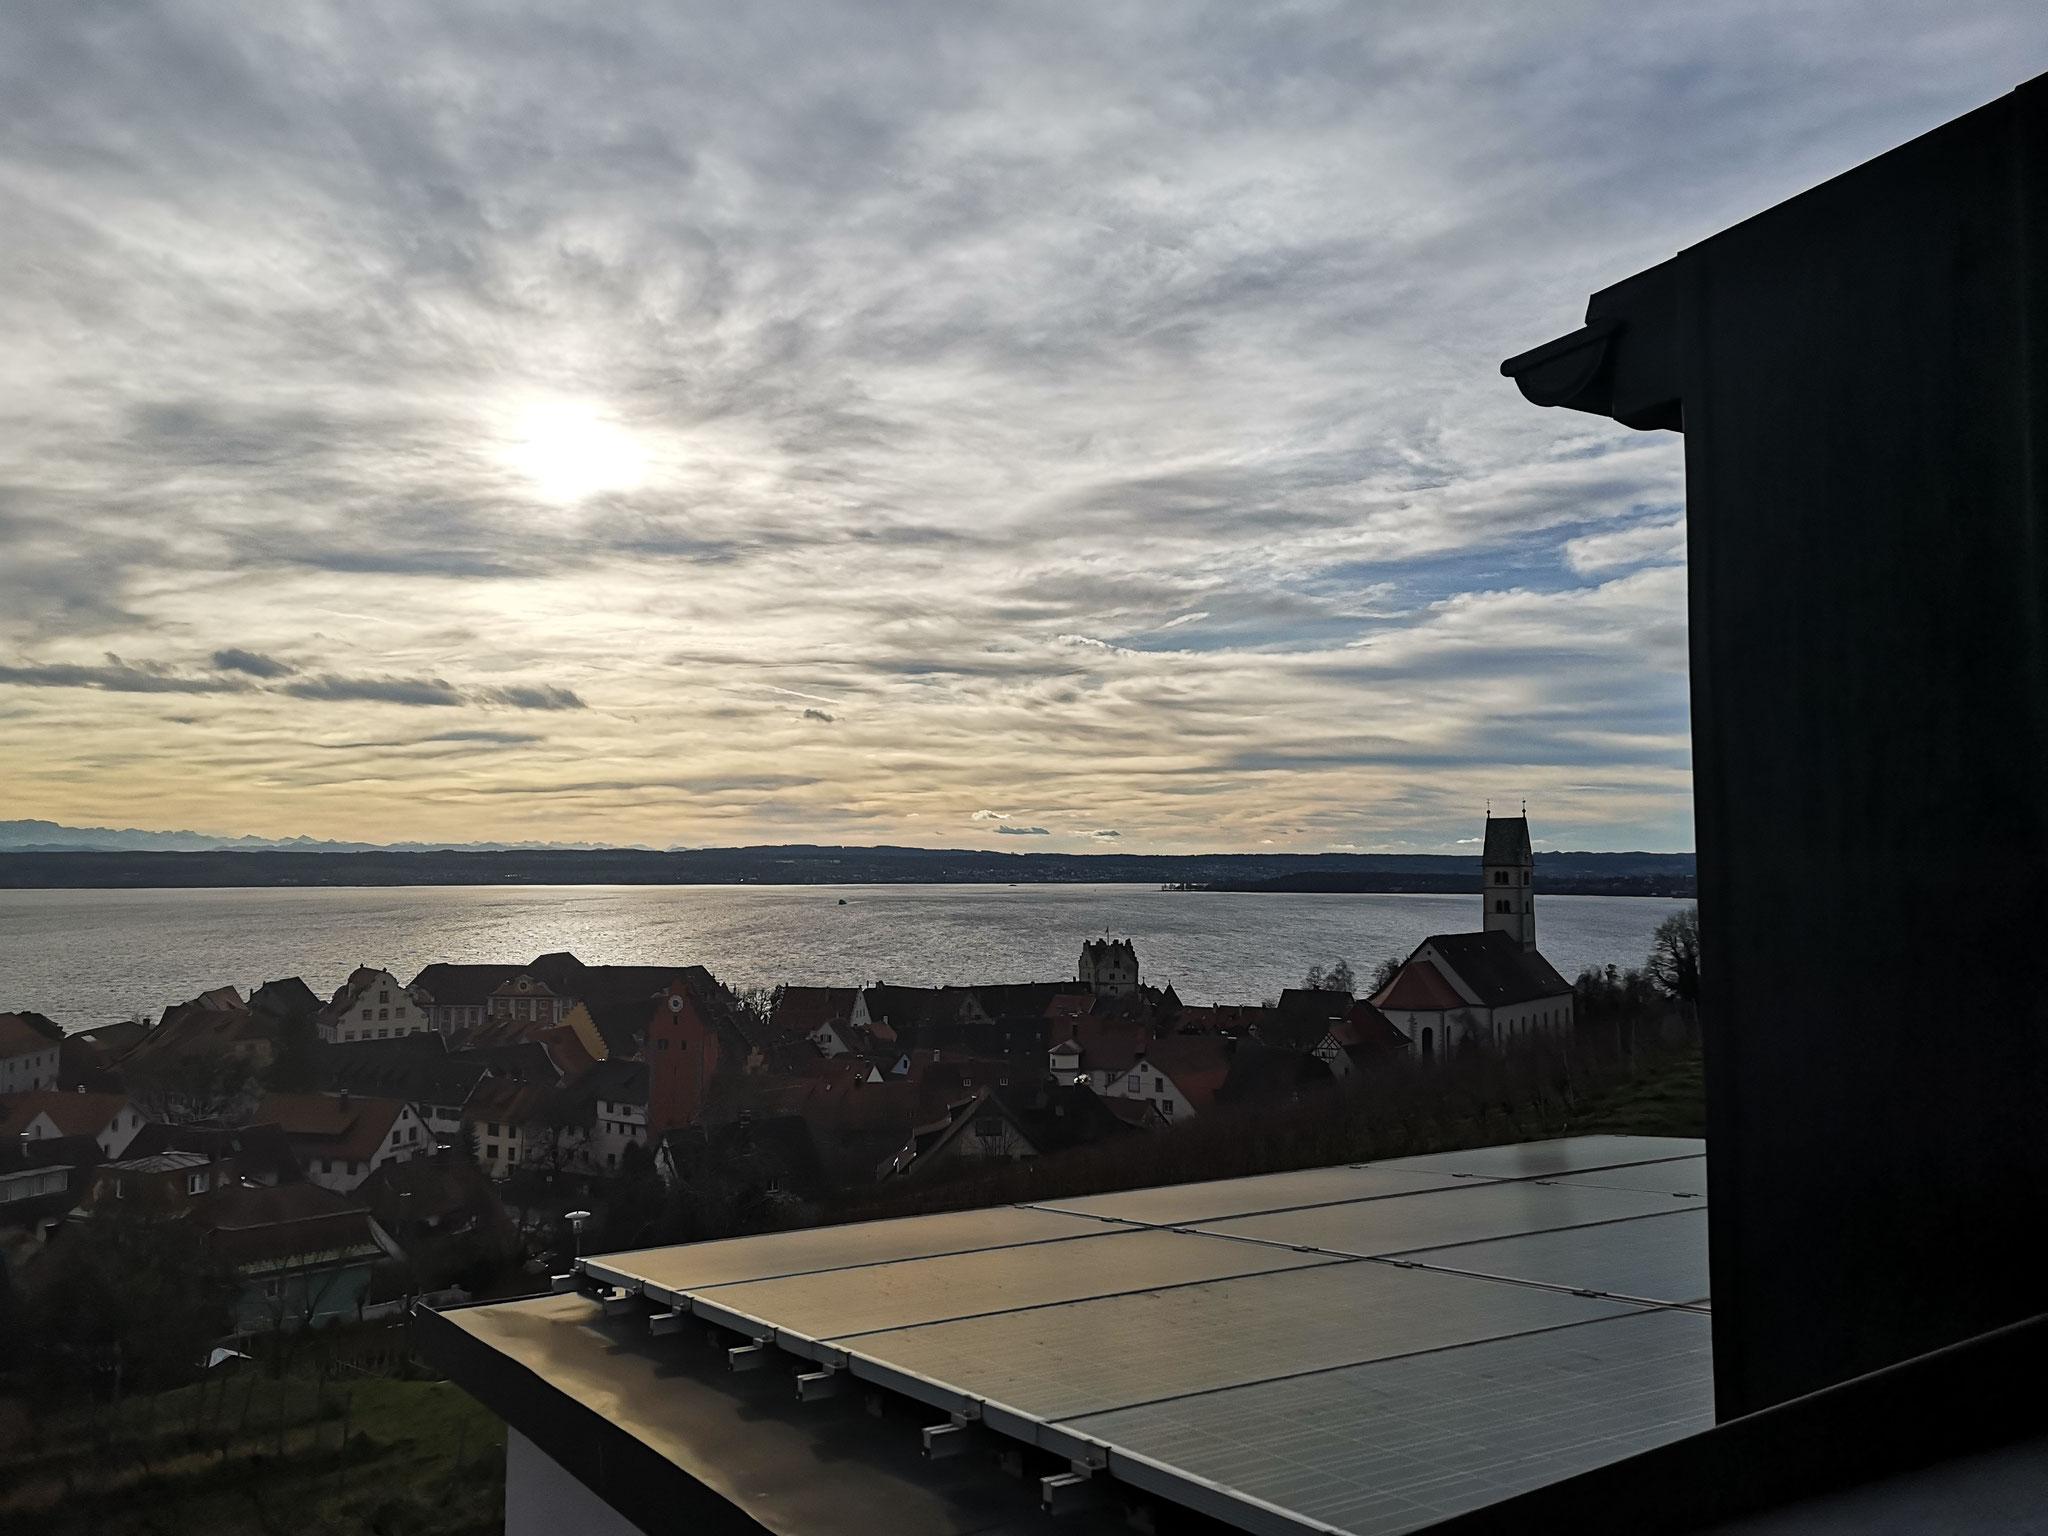 Aussicht in der kalten Jahreszeit von der Dachterrasse